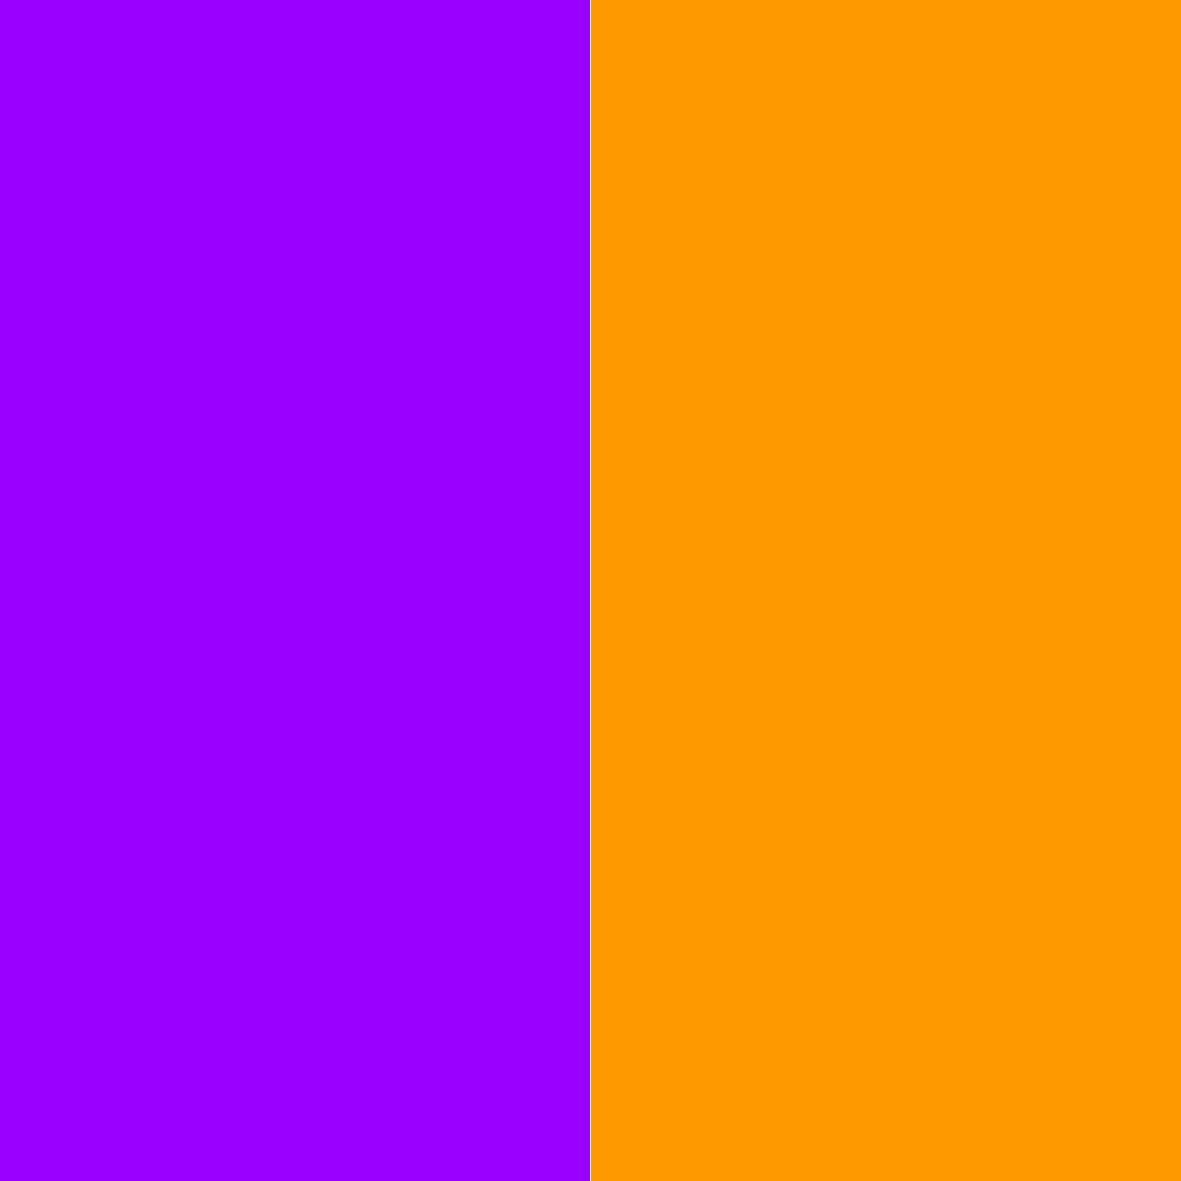 фиолетовый/оранжевый_9900FF/FF9900